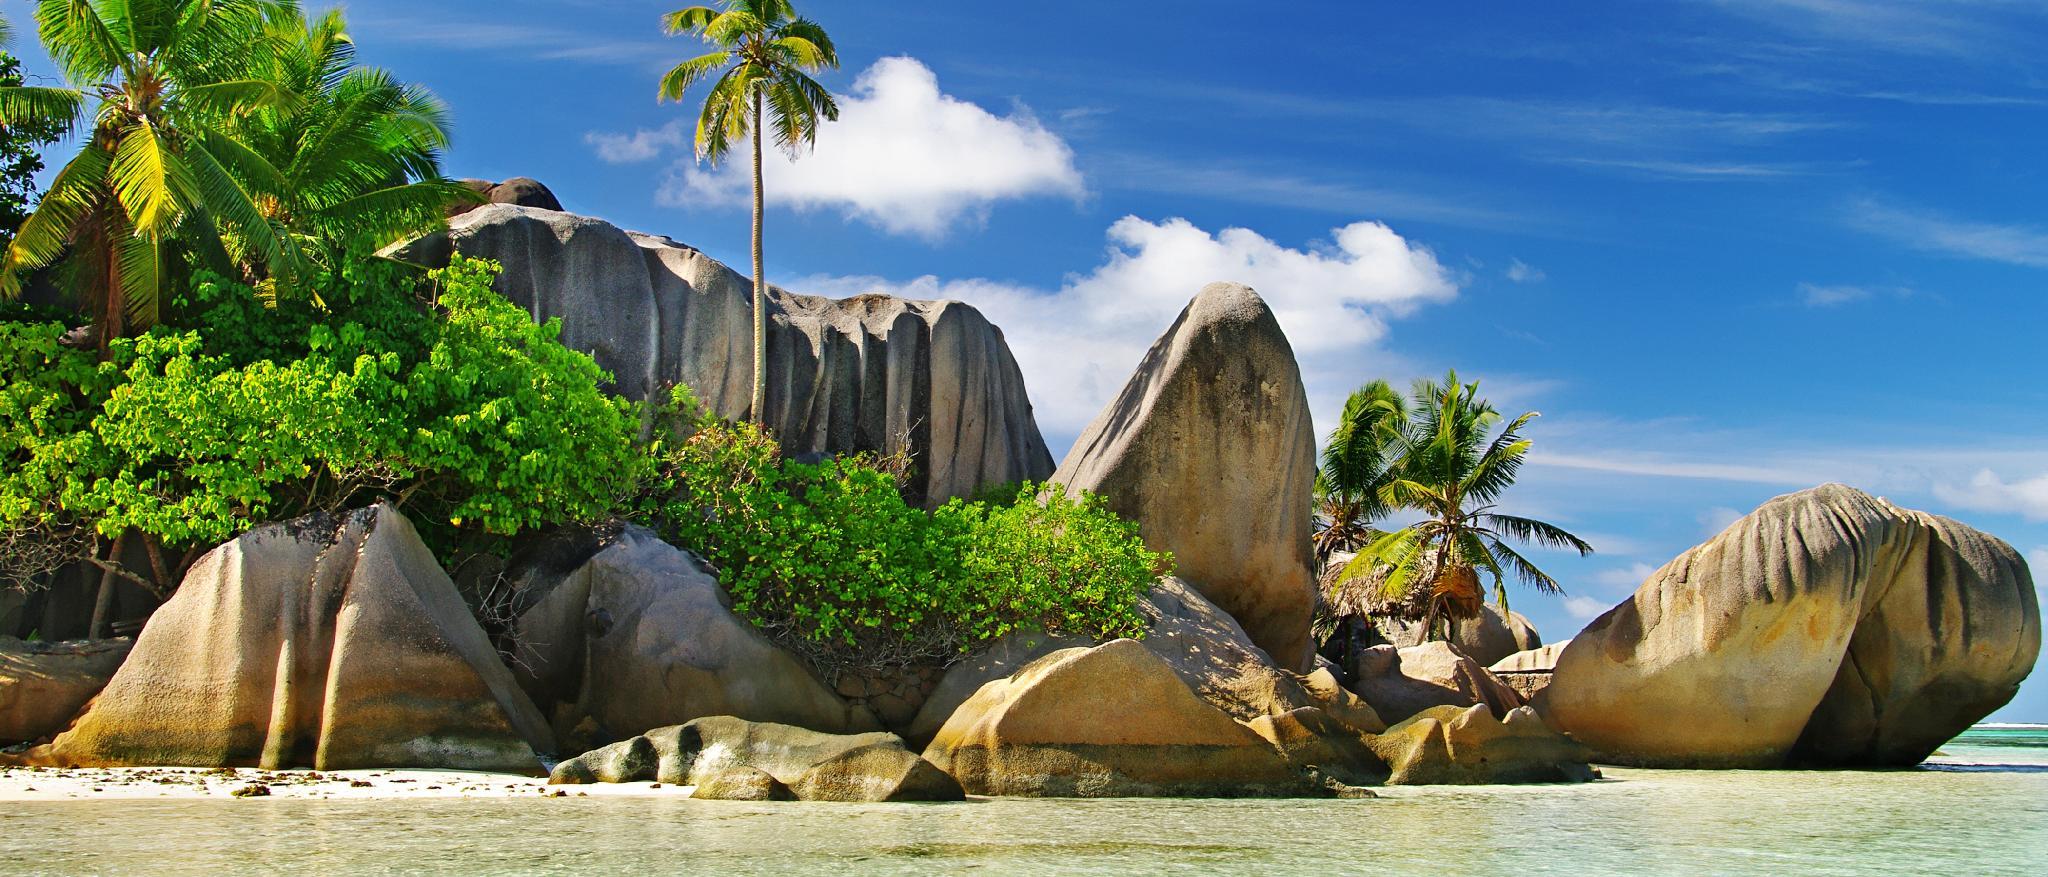 H tel seychelles tarifs r duits sur 494 h tels seychelles for Hotel tarif reduit